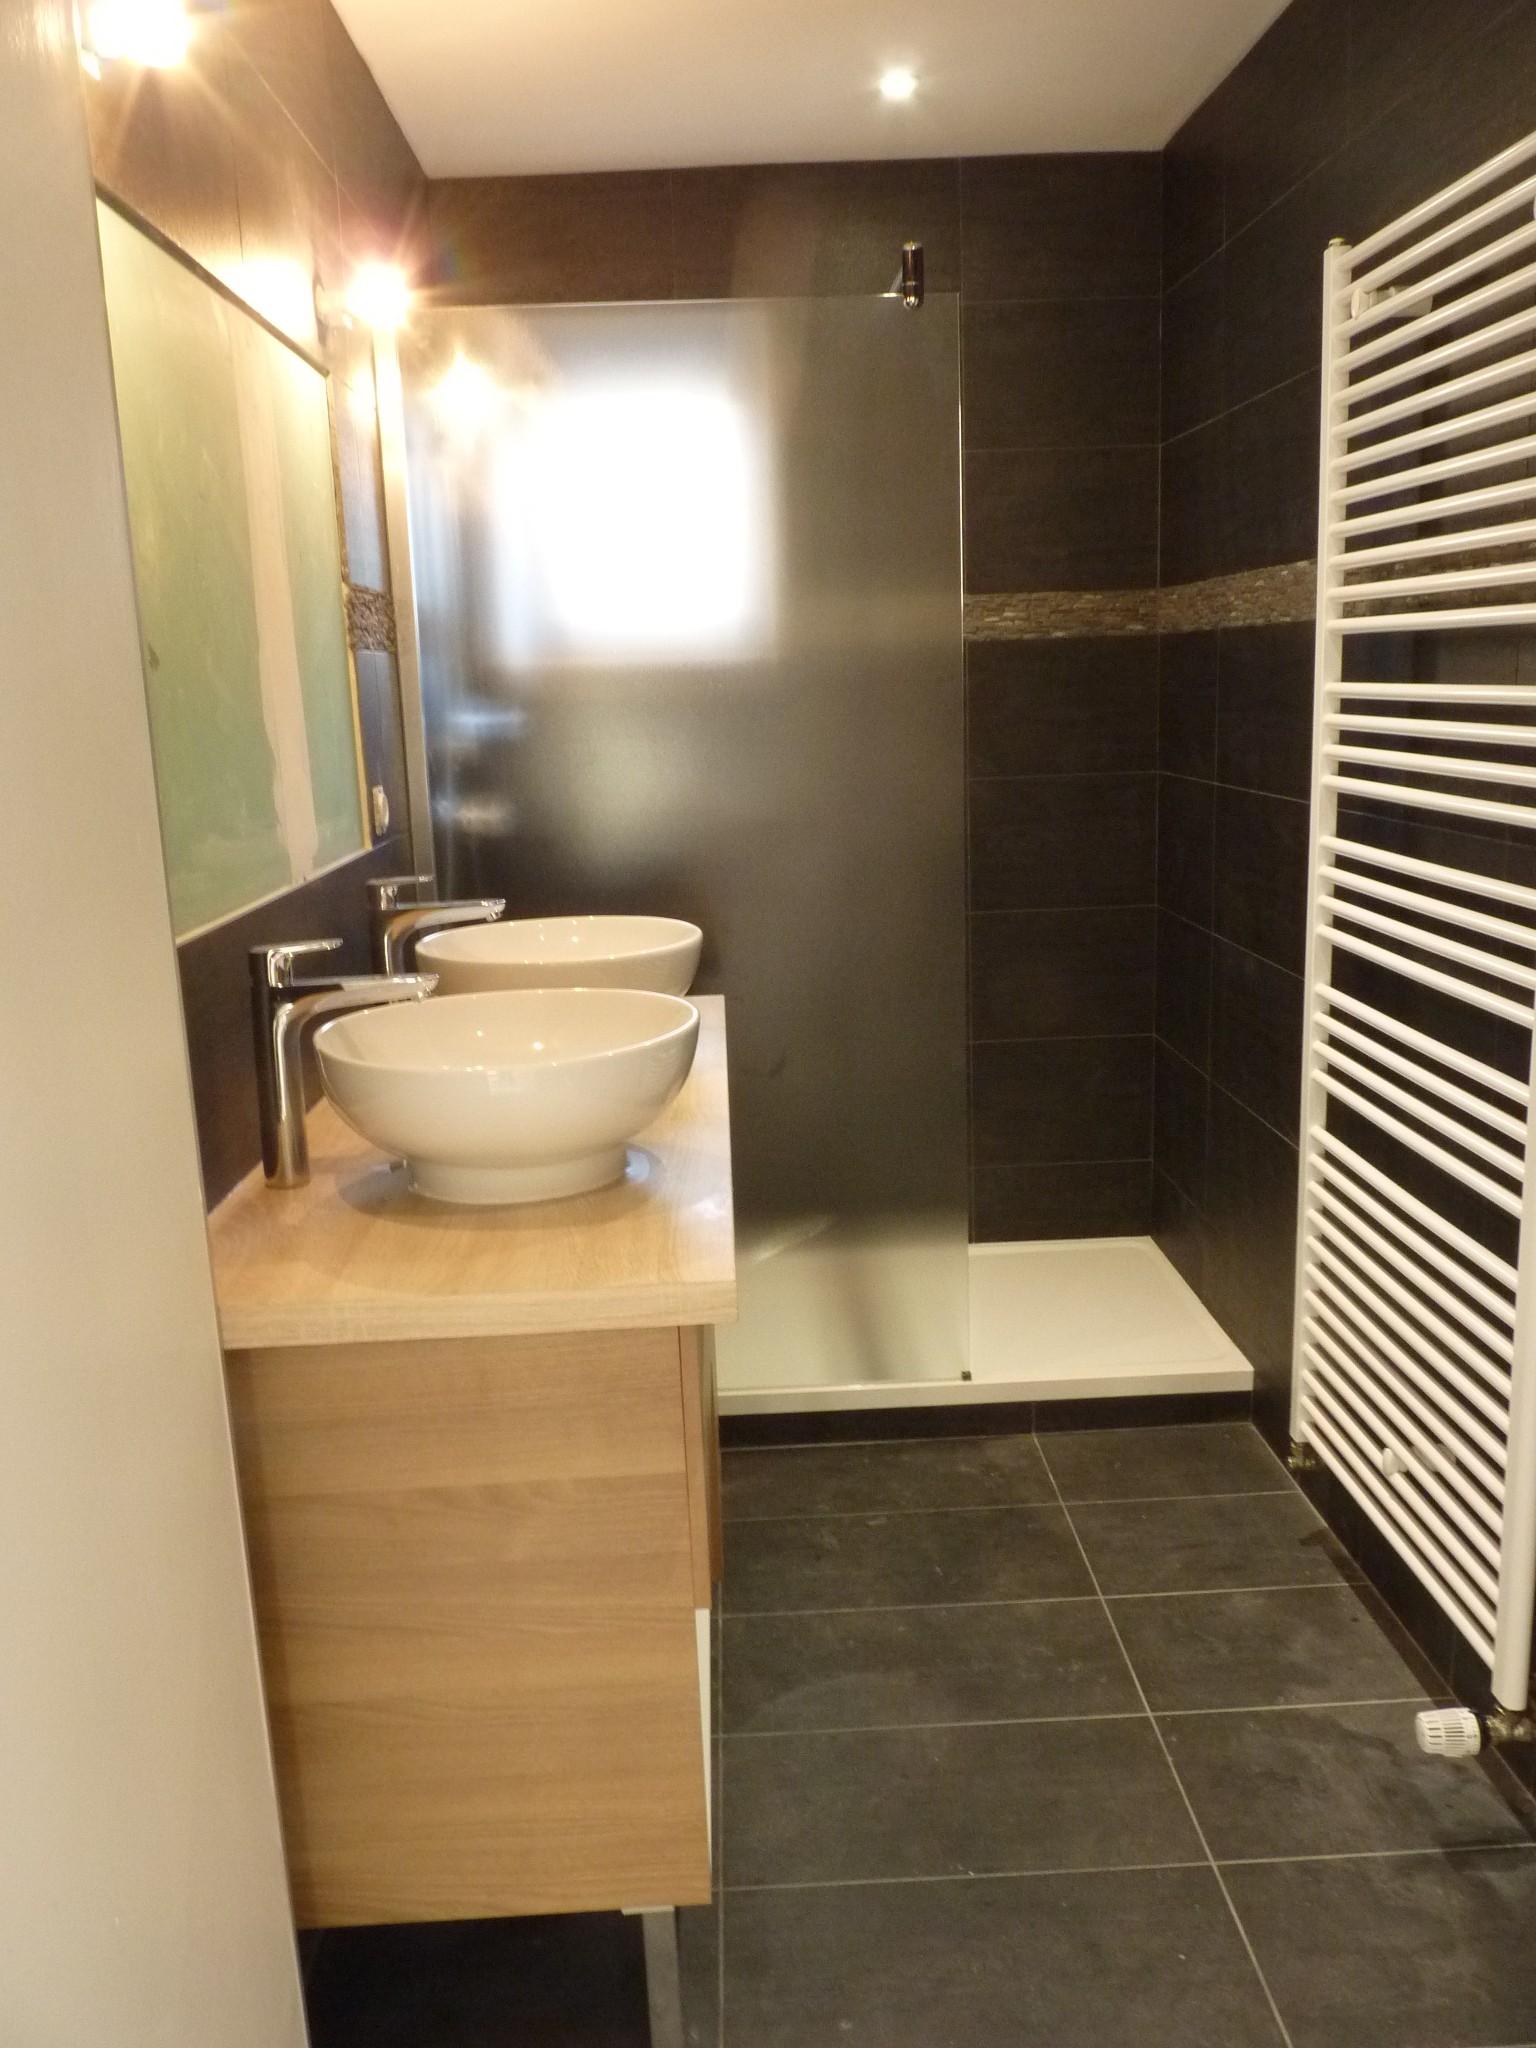 Travaux Salle De Bain Tva ~ cr ation salle de bain r novation salle de bain lyon